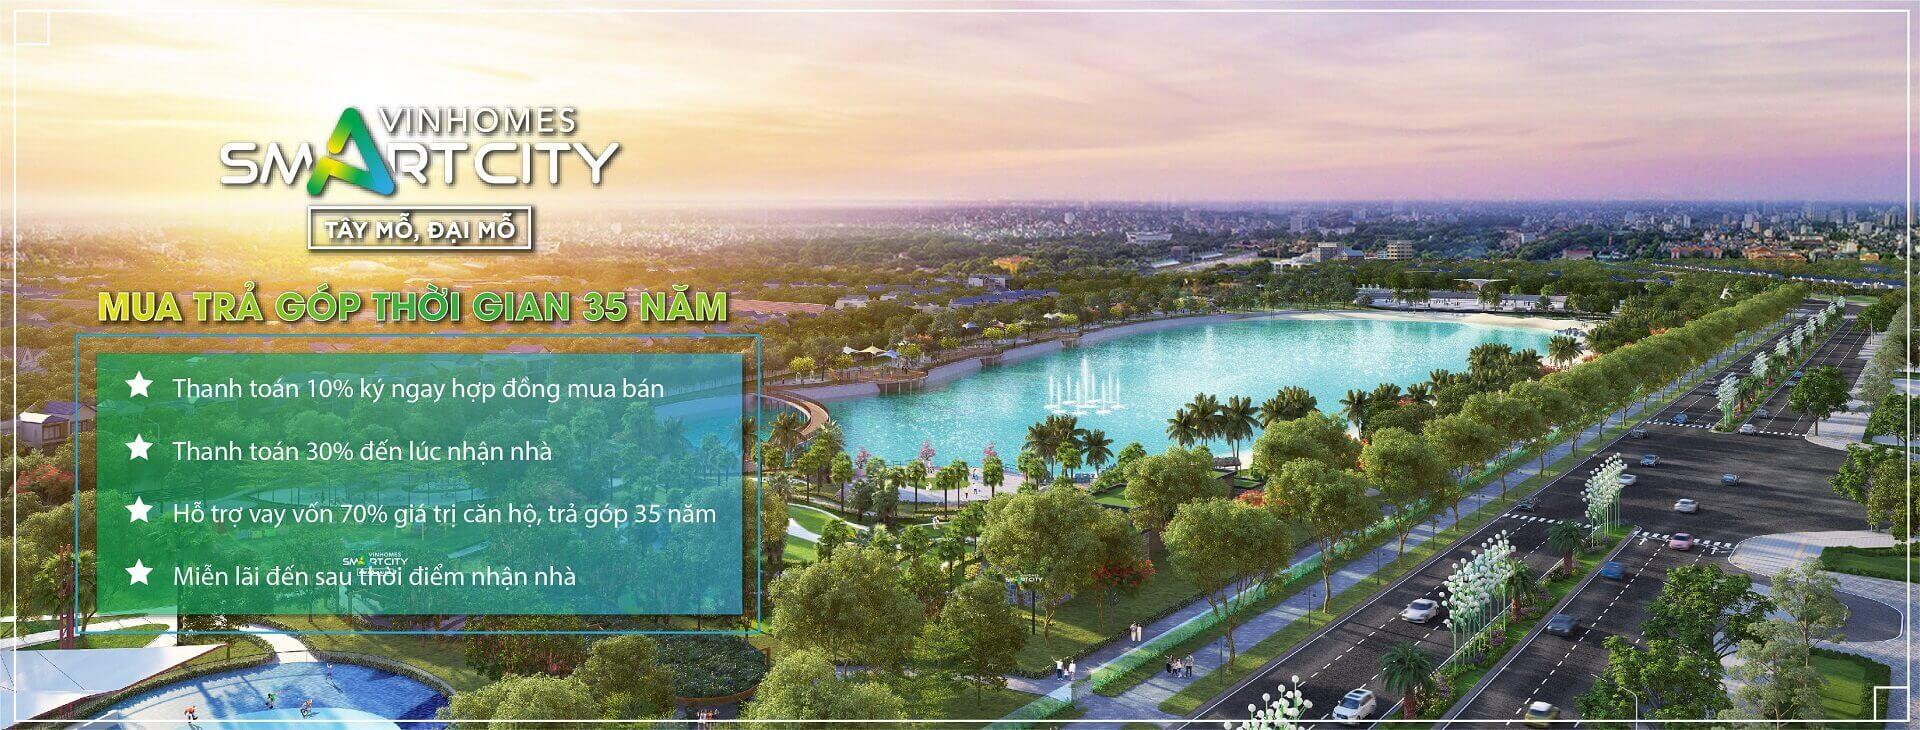 tong-quan-du-an-vinhomes-smart-city-tay-mo